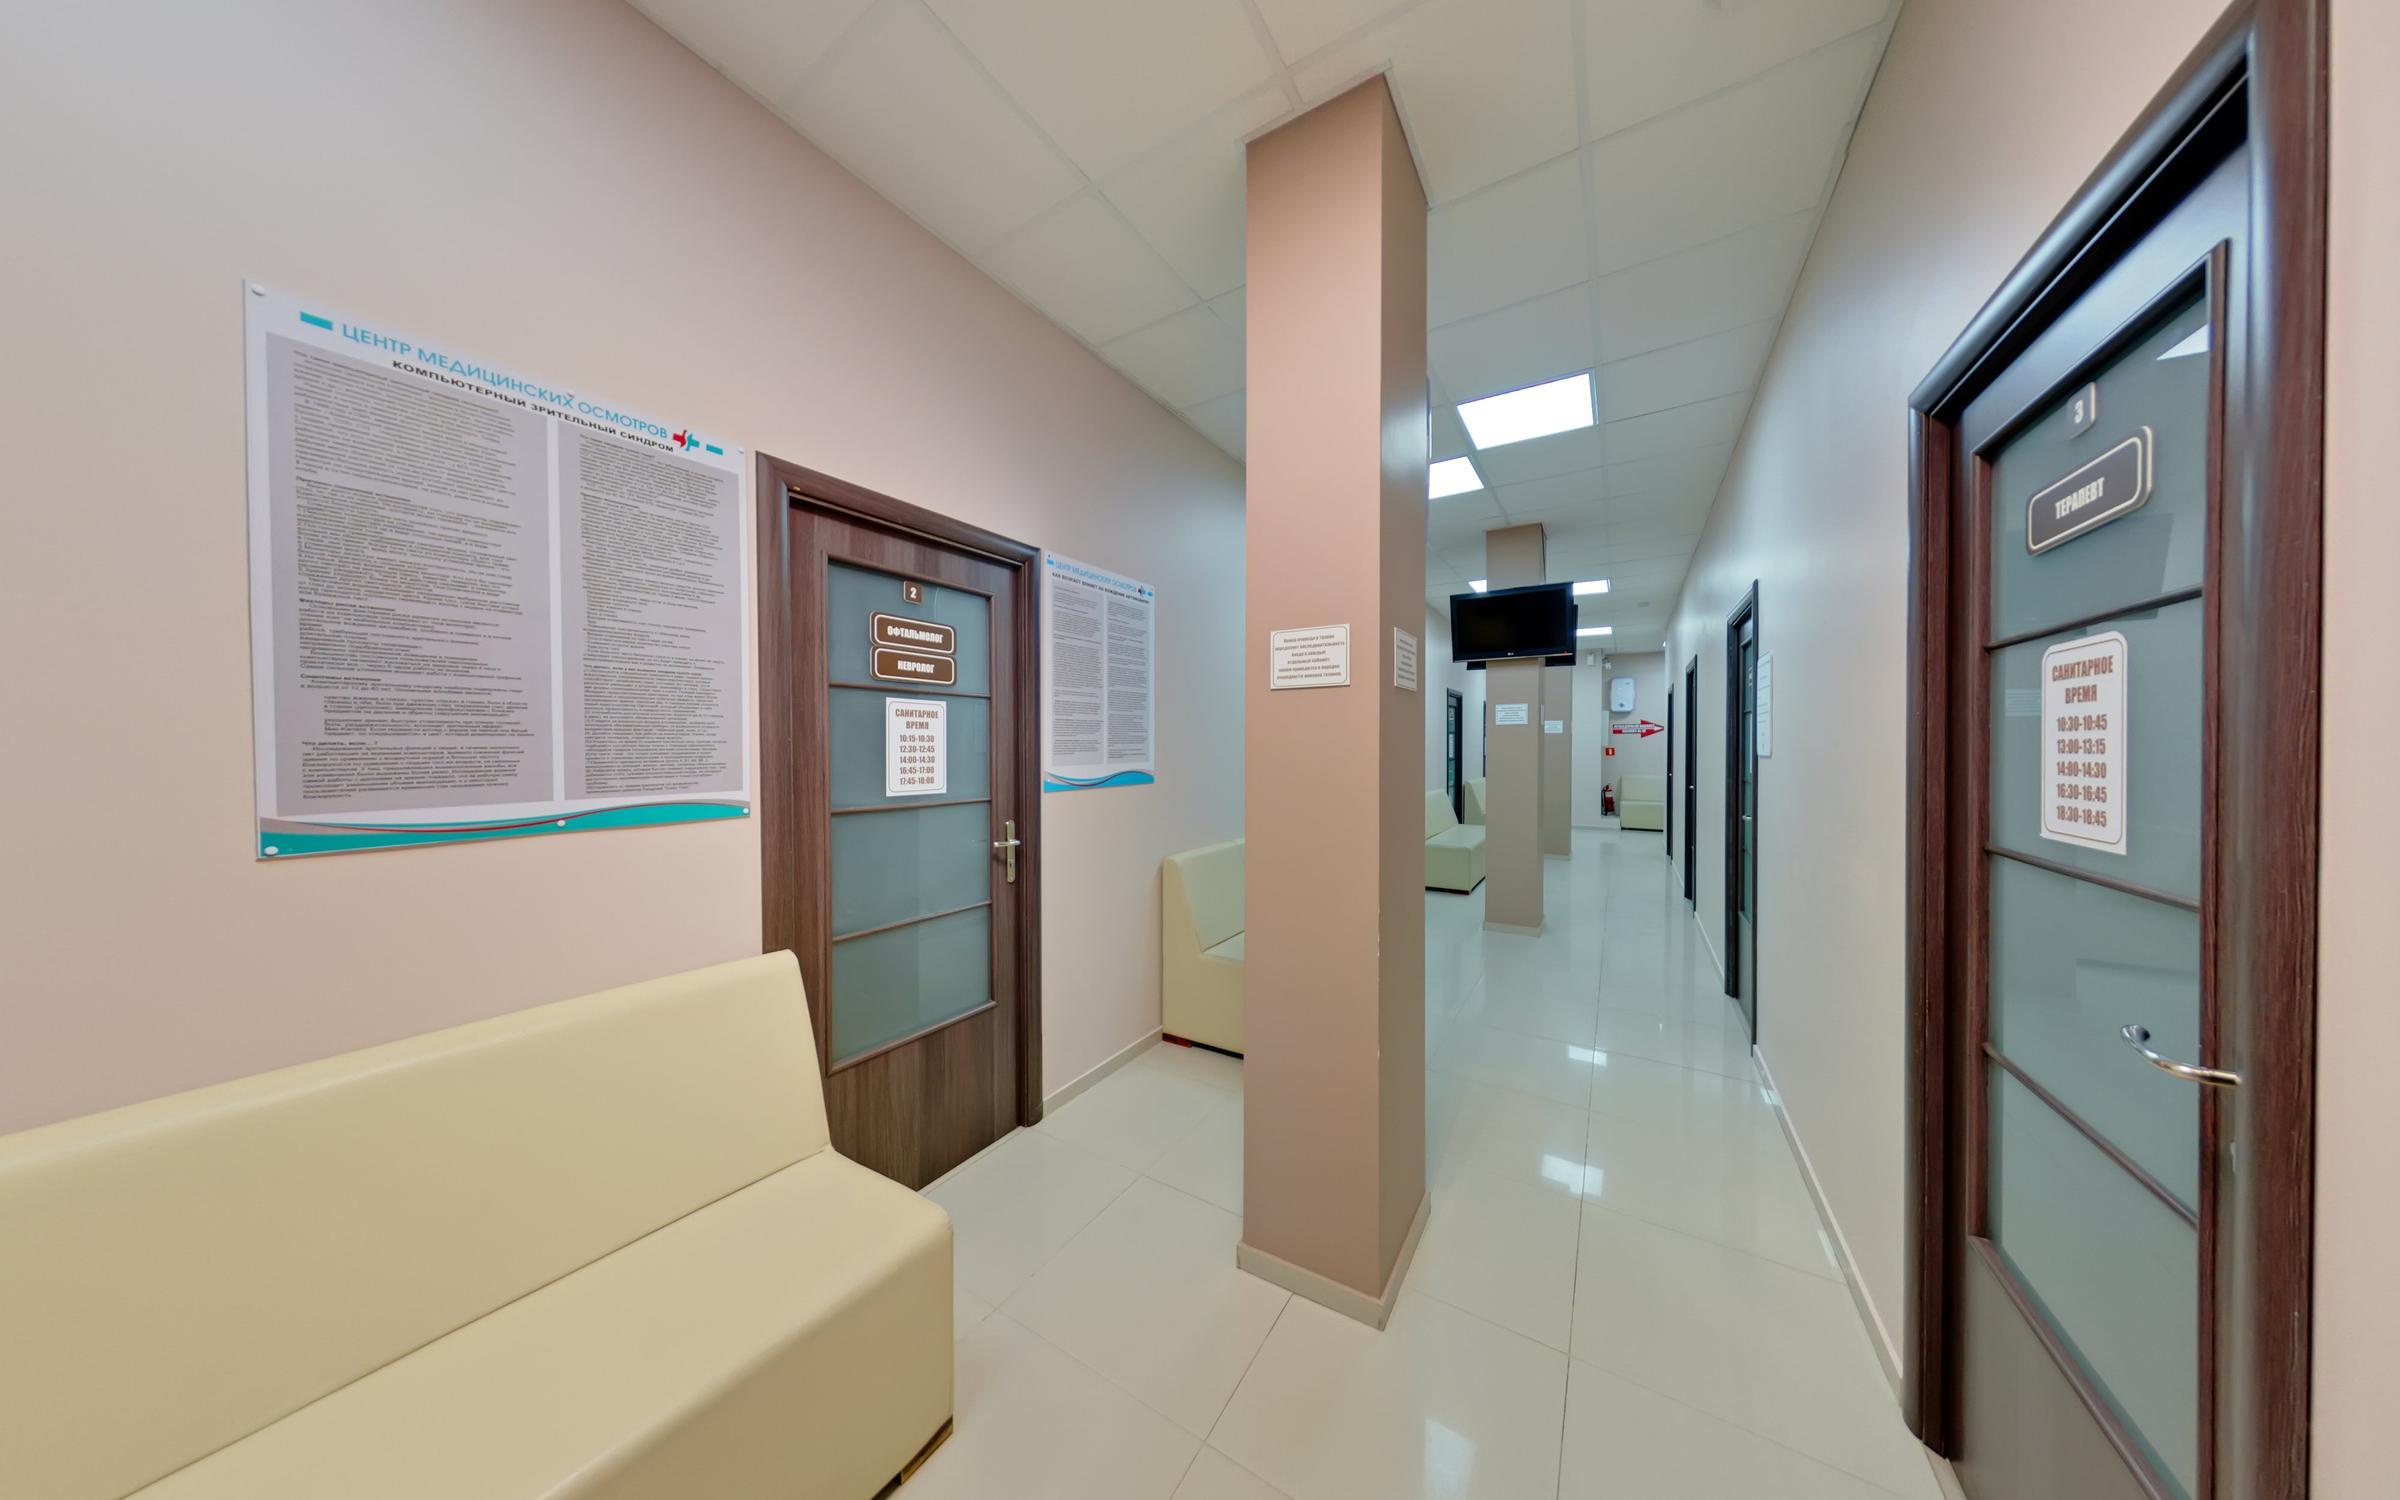 Запись на приём к врачу щёлково поликлиника 1